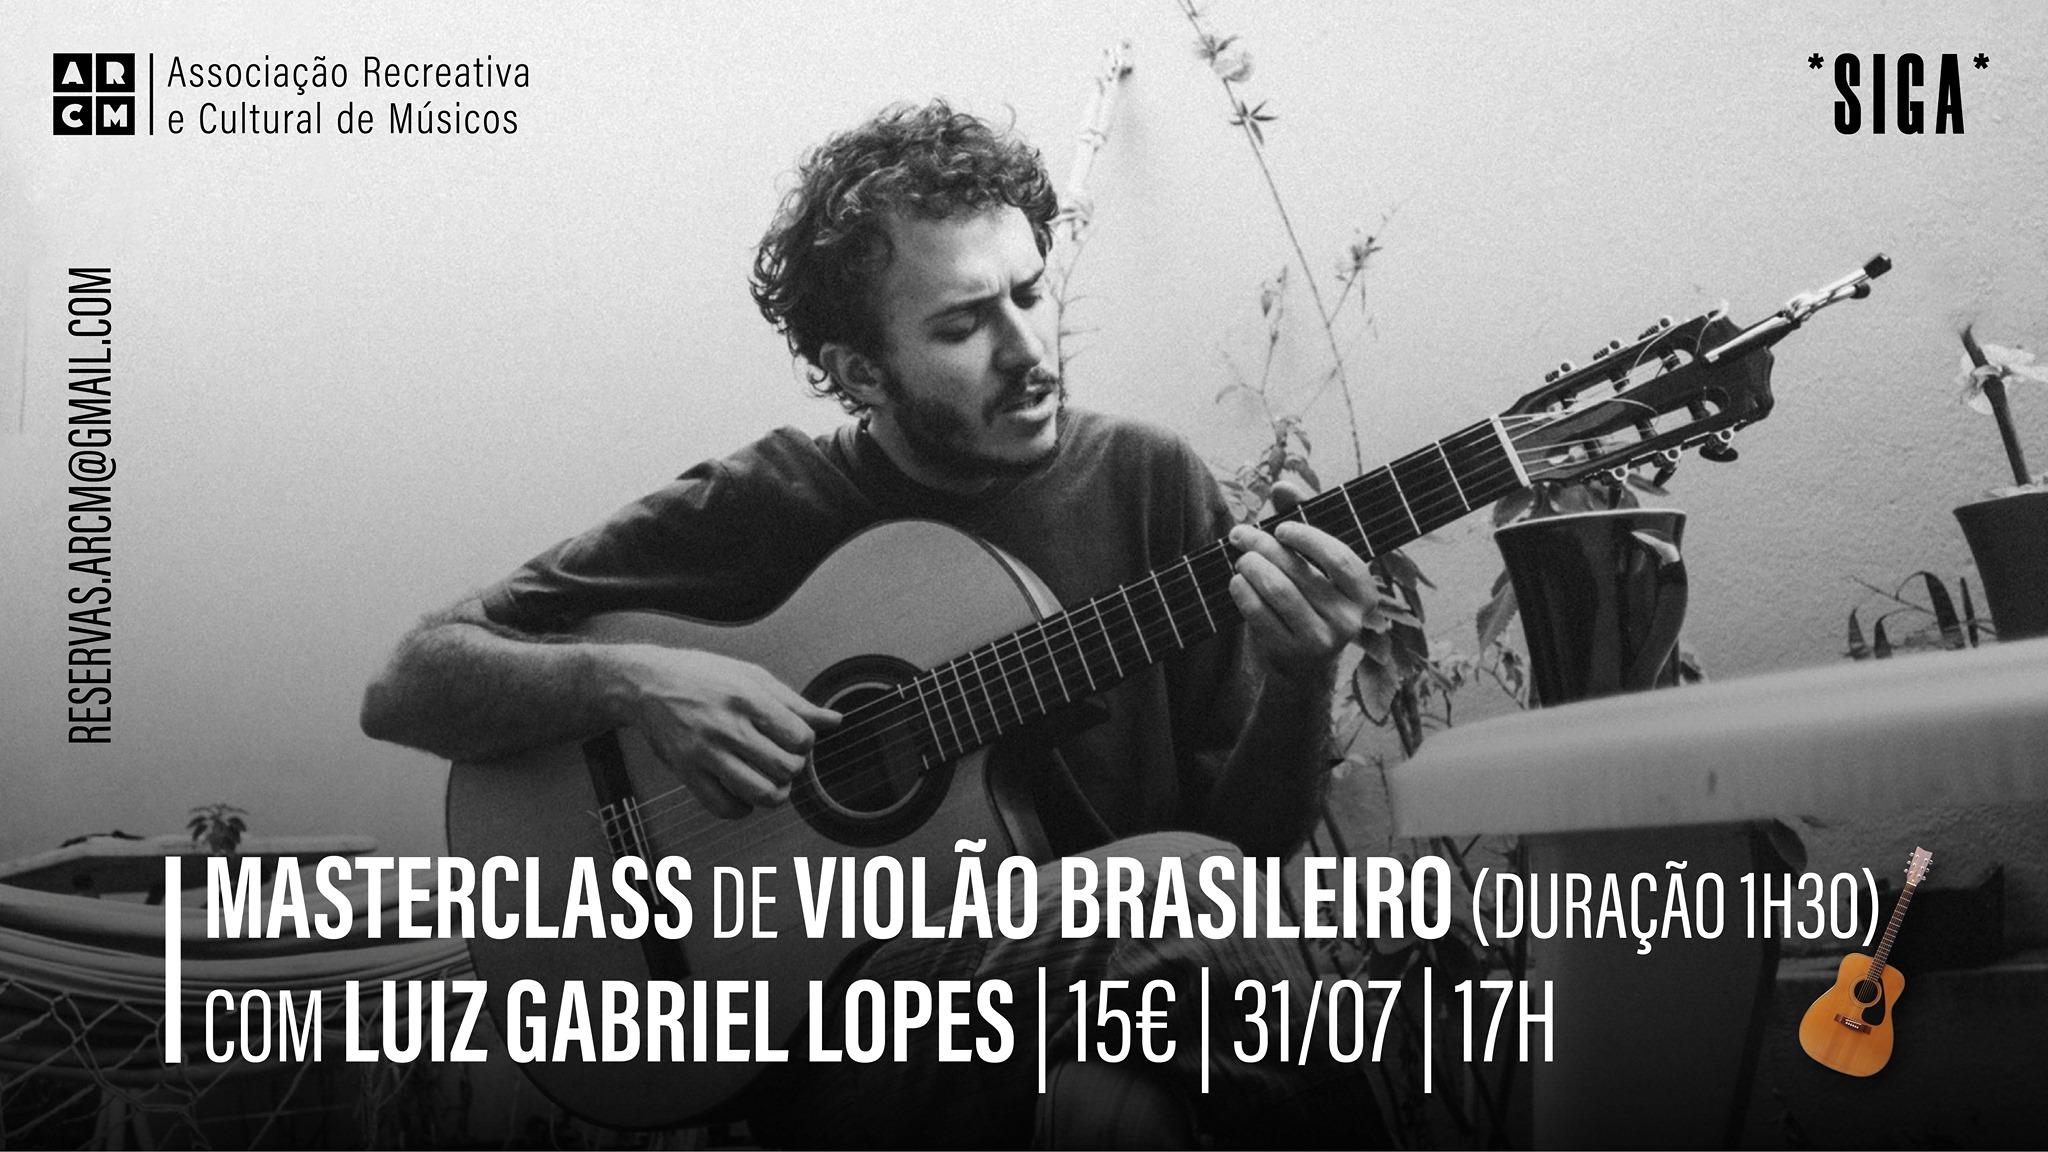 Masterclass de Violão Brasileiro com Luiz Gabriel Lopes   *SIGA*